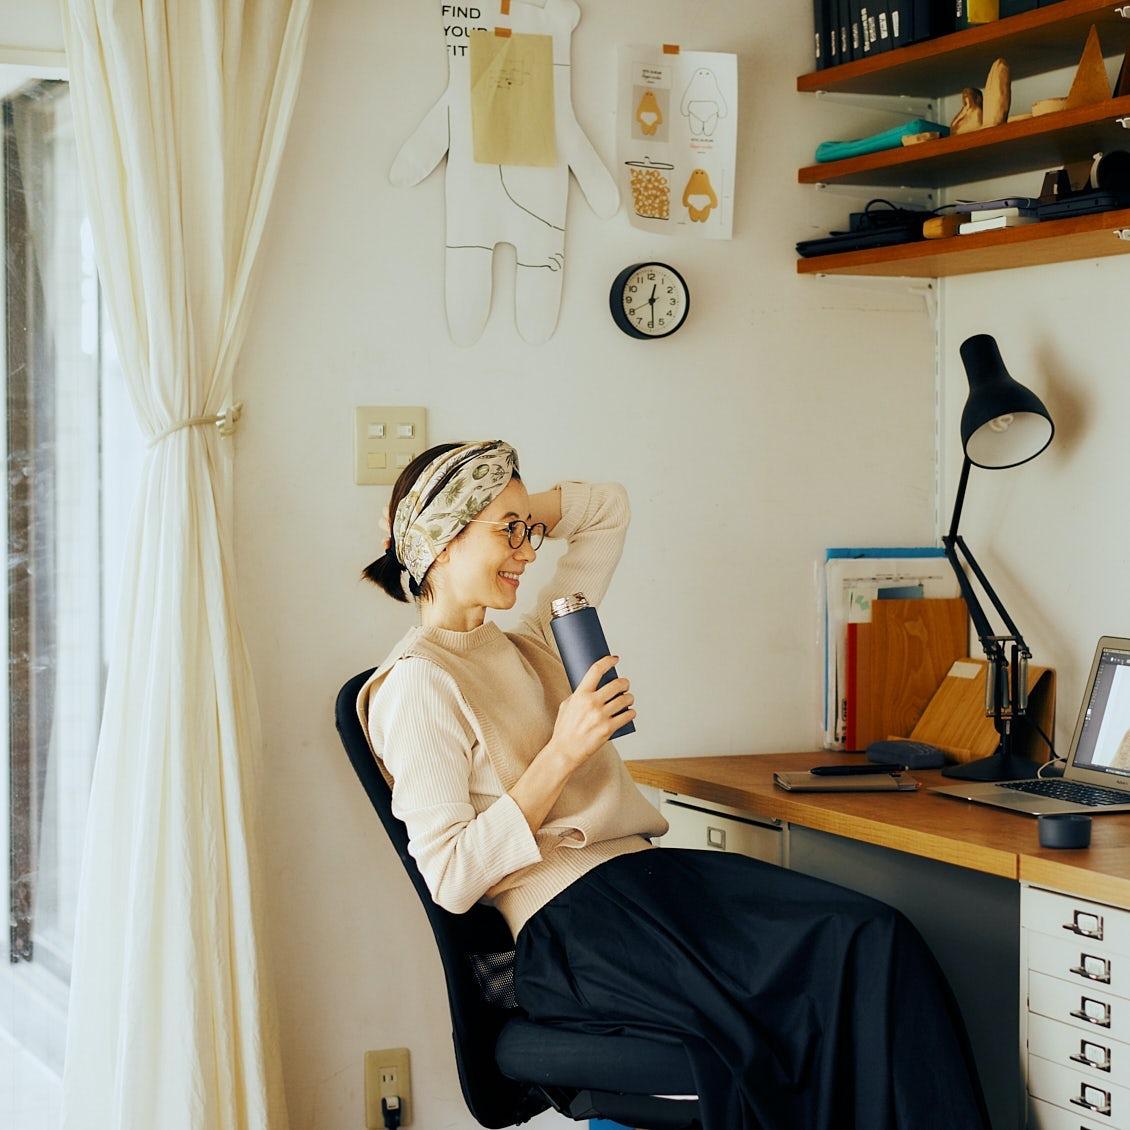 【ご機嫌をつくるもの】家での時間がもっと好きになる。モデル香菜子さんの小さな工夫って?